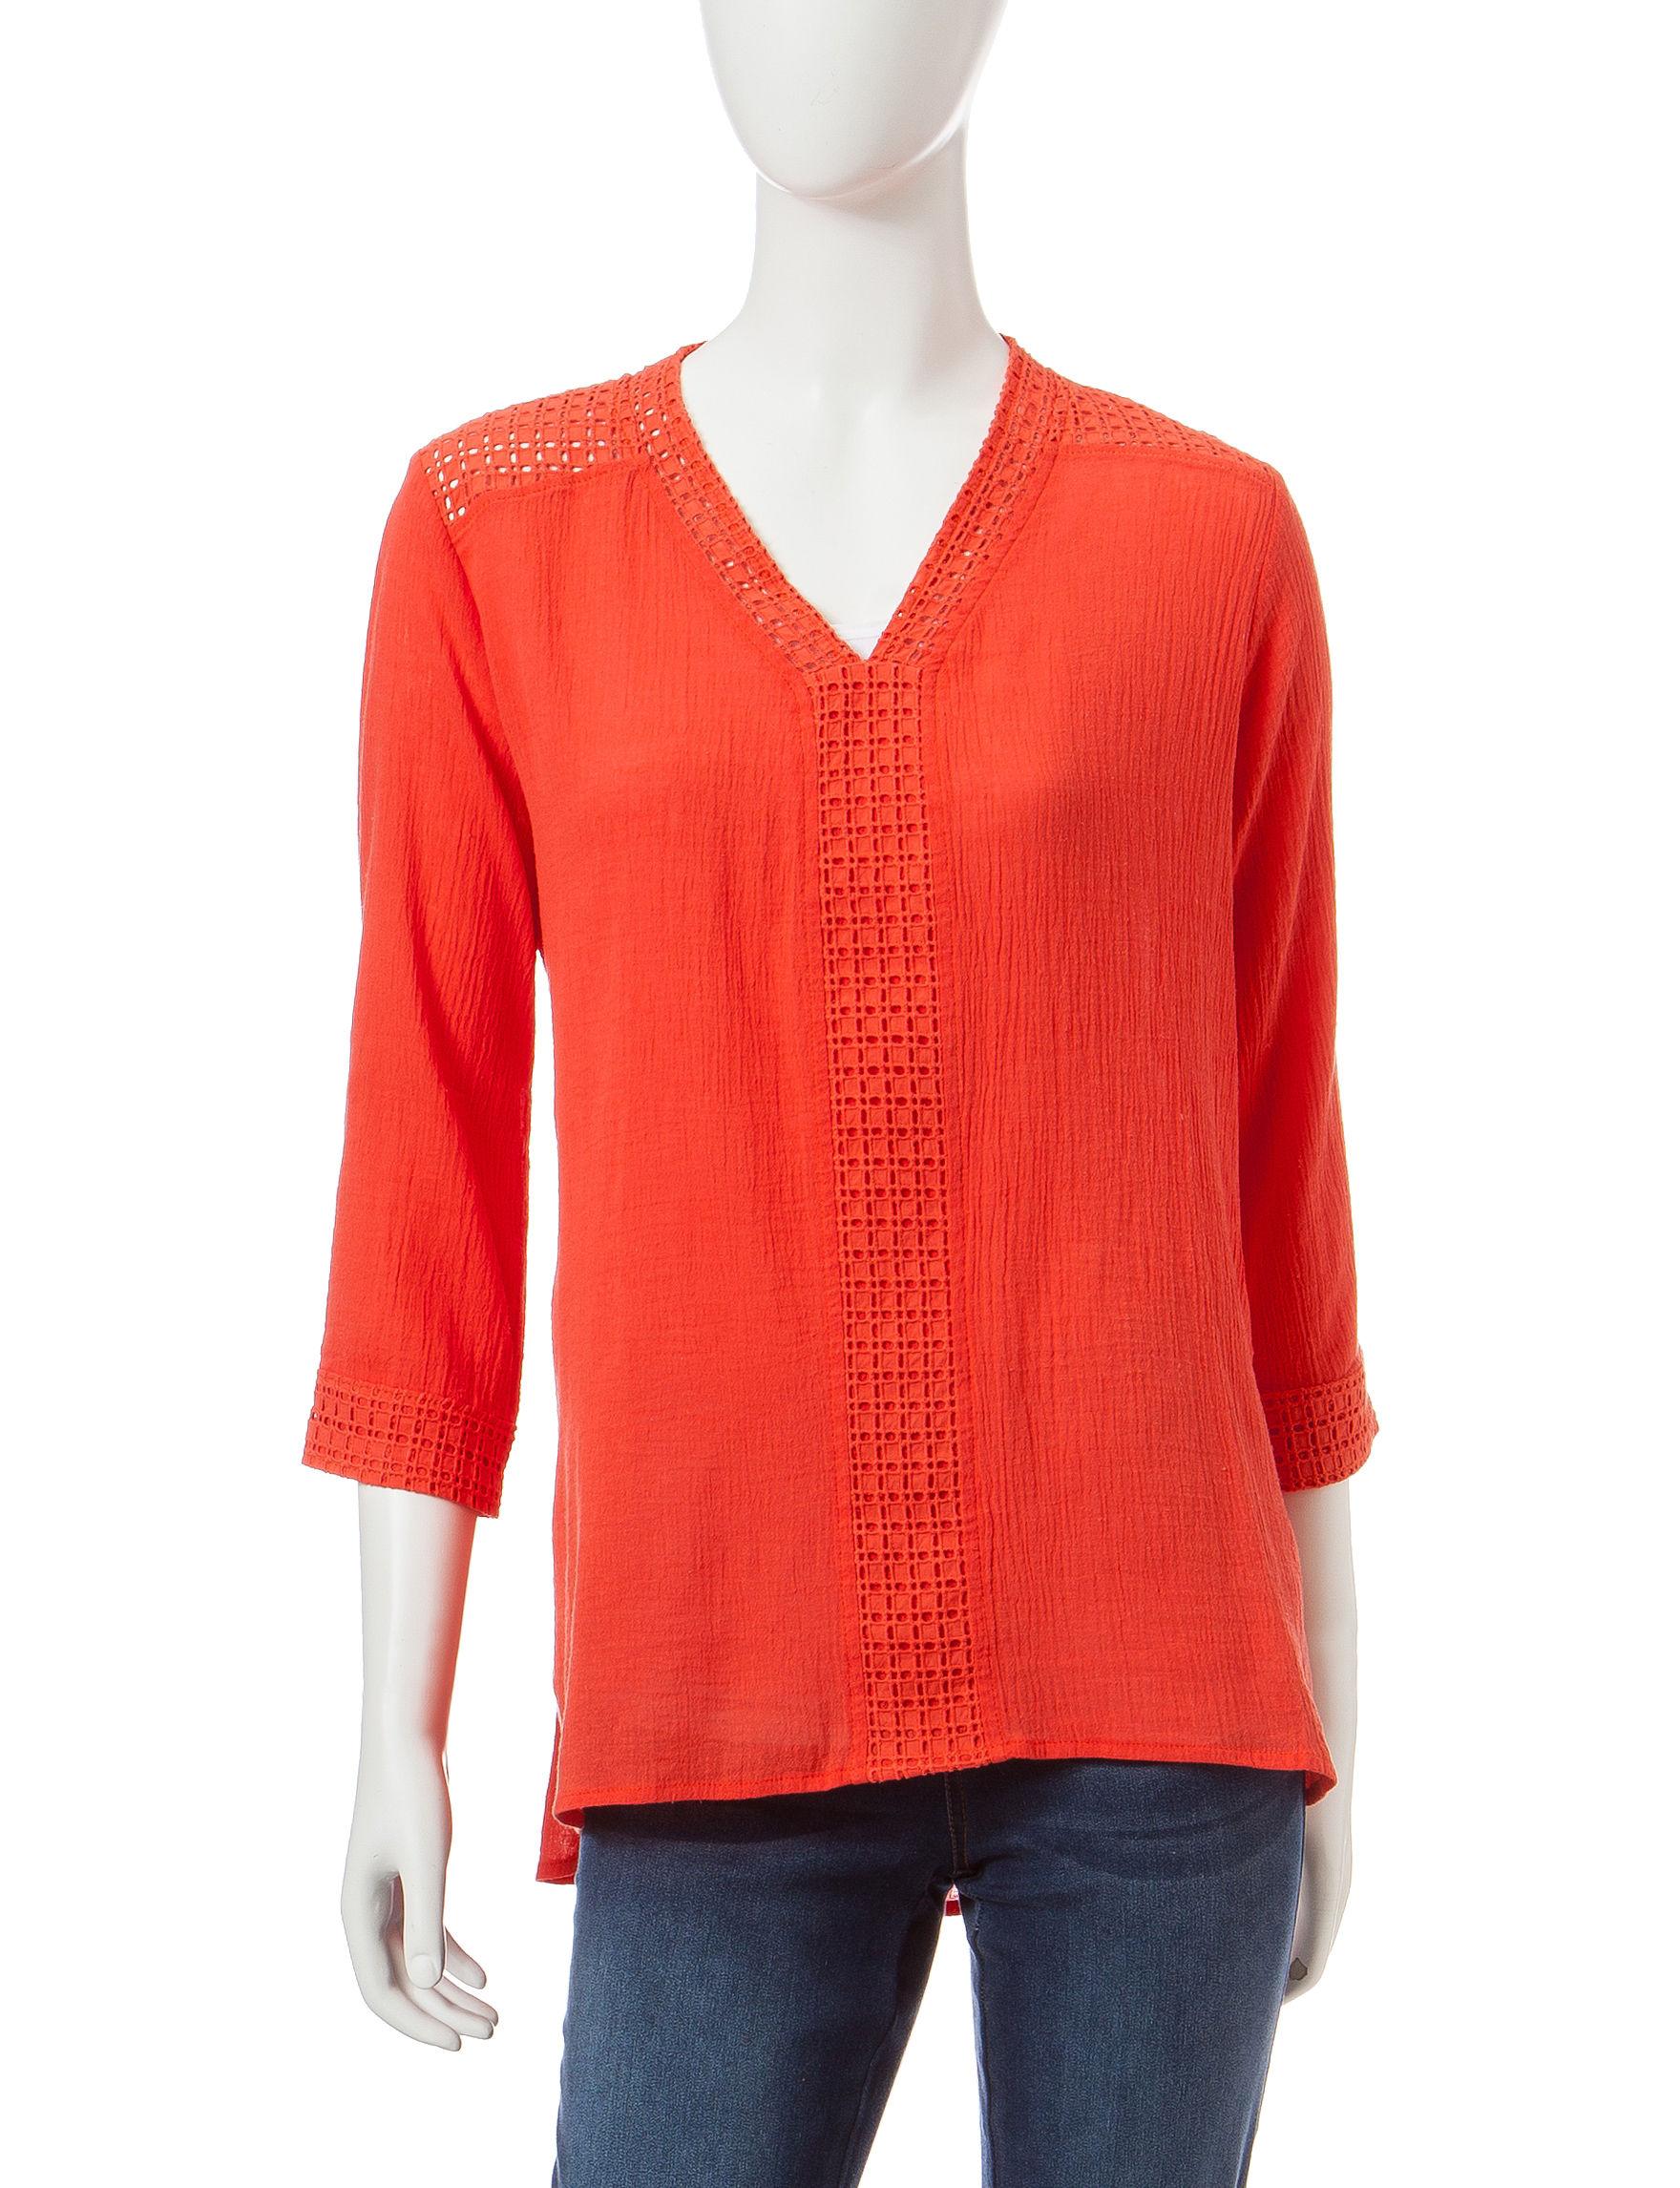 Hannah Coral Shirts & Blouses